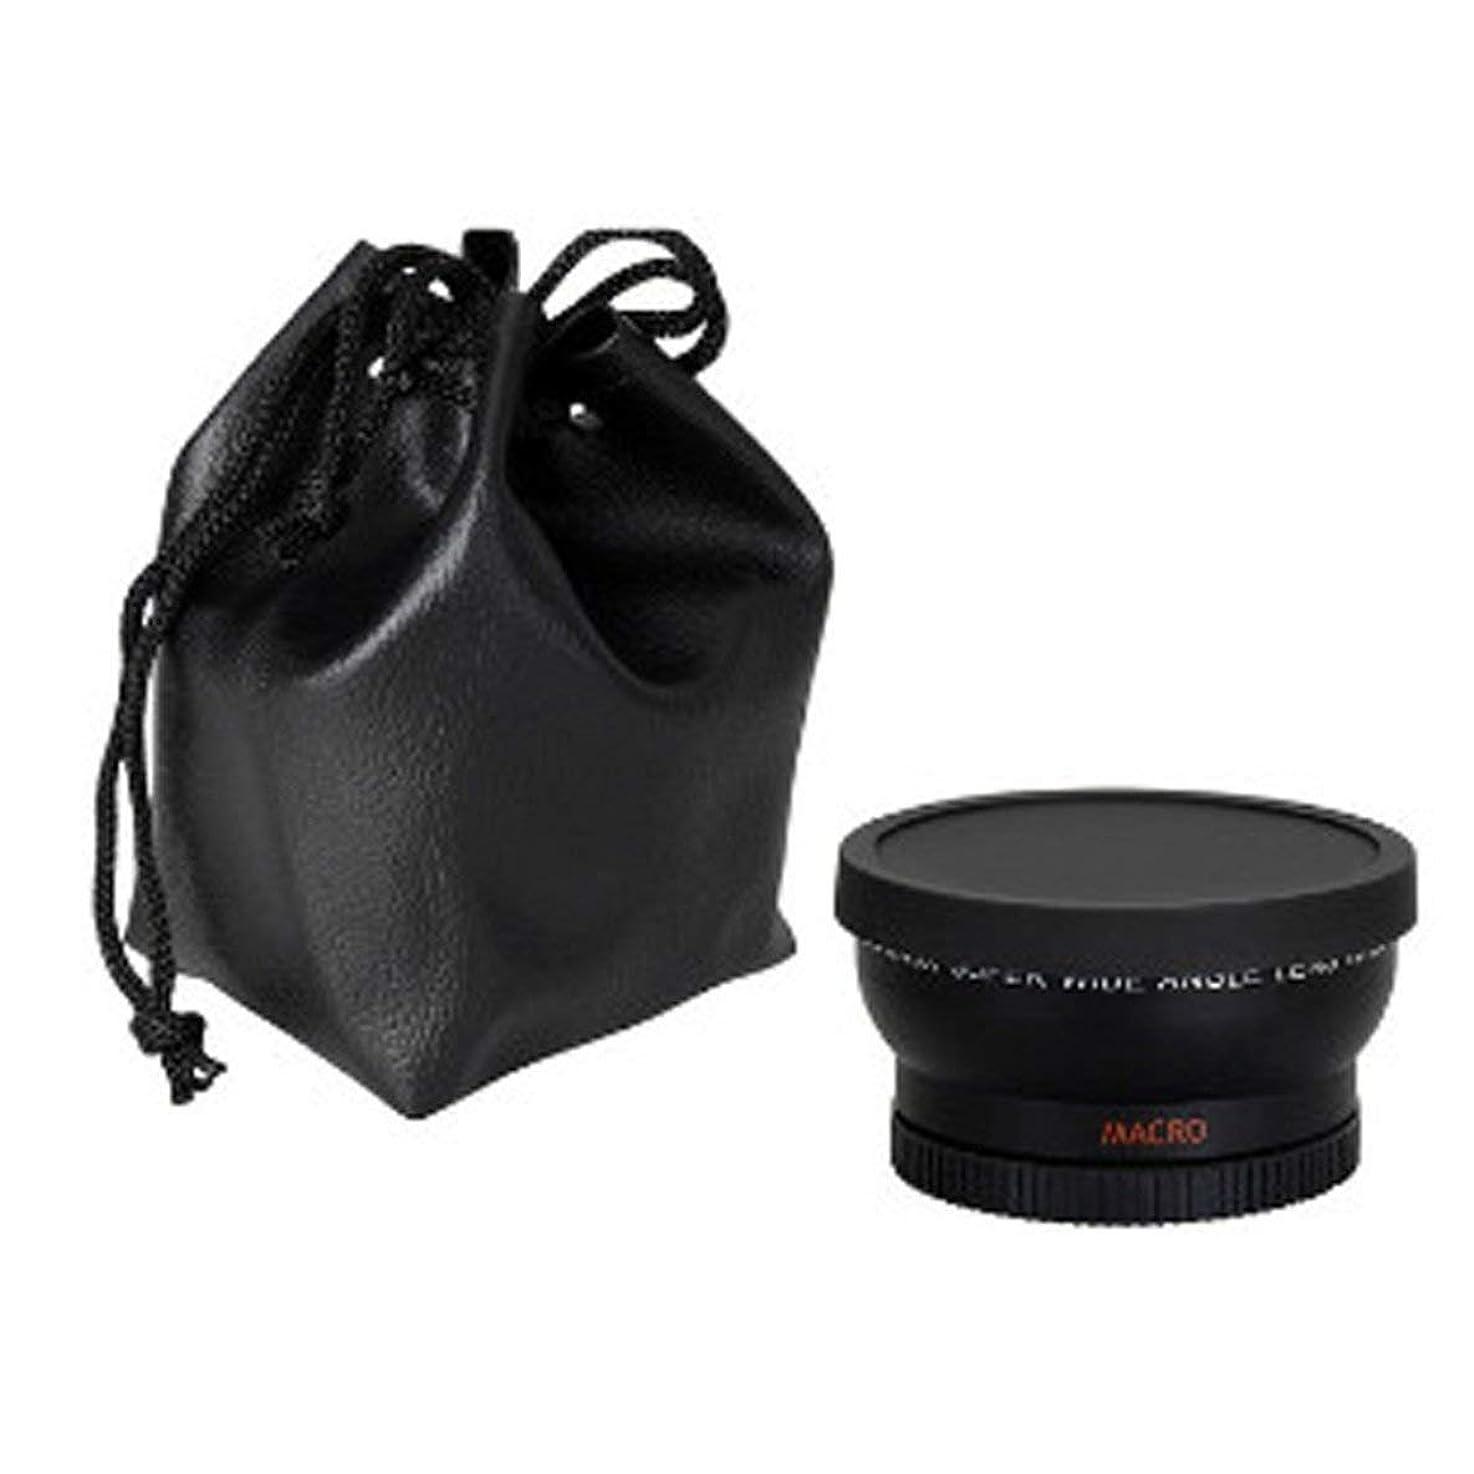 歌うレッドデート複合Birdlantern 1set 58MM 0.45 x 58Mカメラレンズに最適な広角マクロレンズ、StockBestで販売、最新の